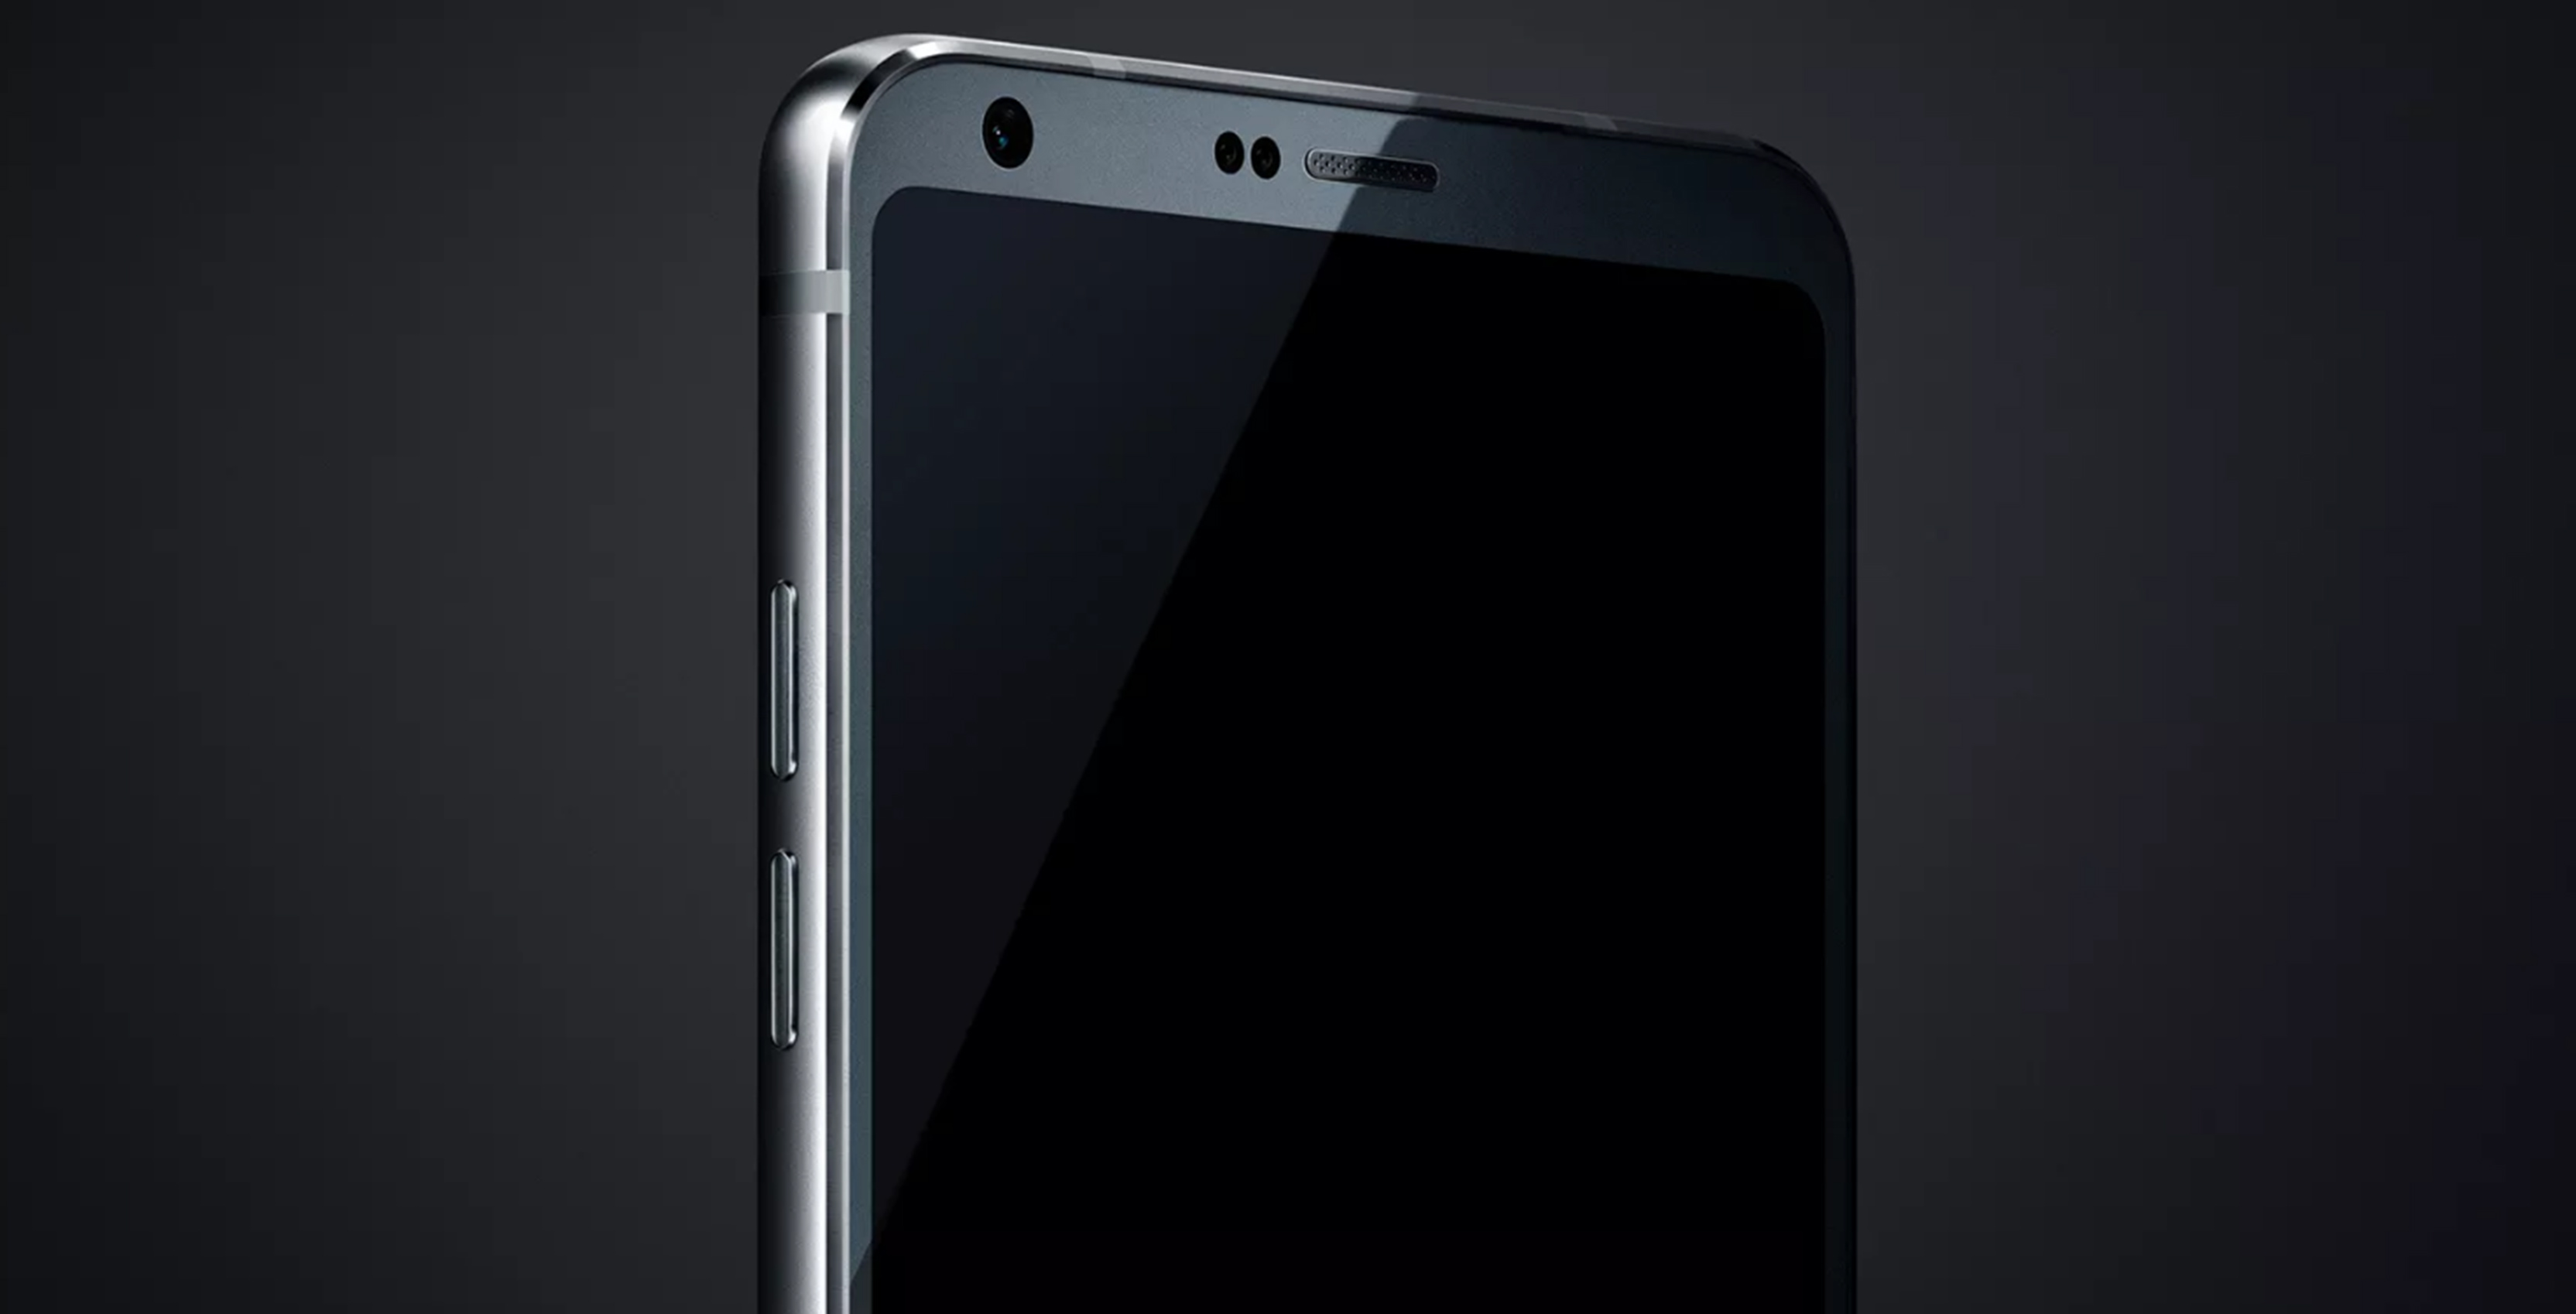 Leaked LG G6 photo